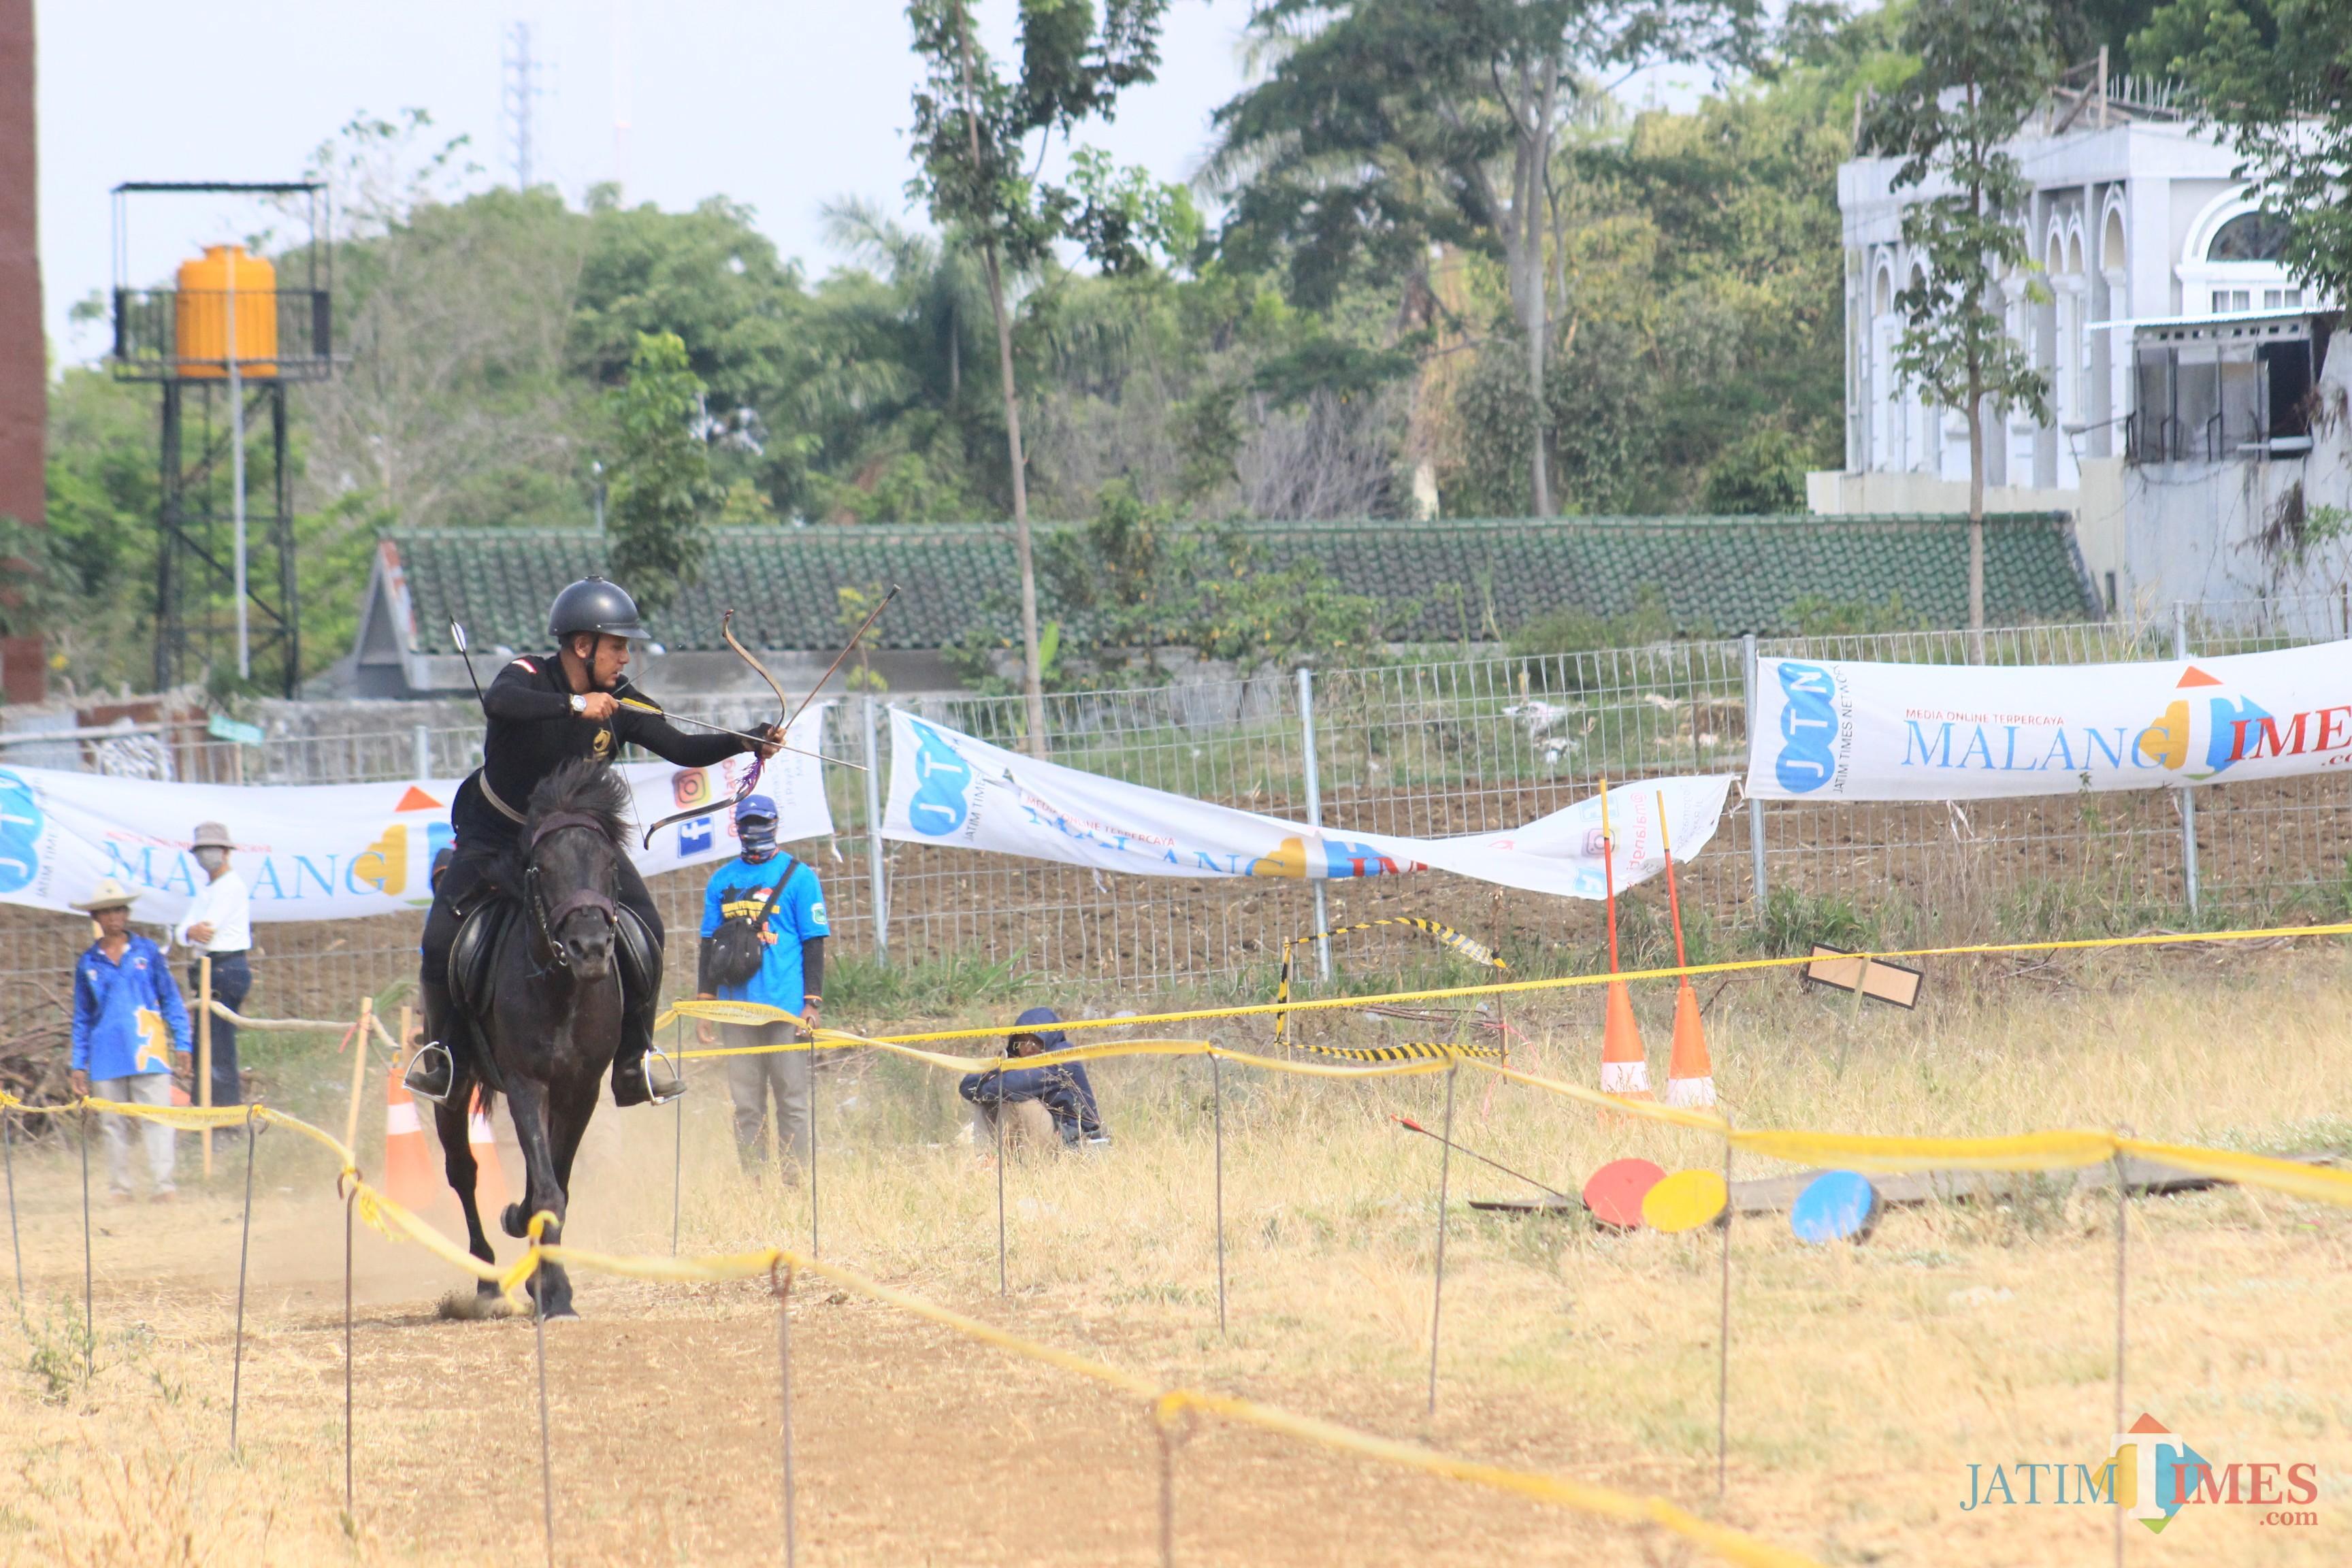 Salah satu peserta sedang beraksi memanah sambil berkuda dalam Turnamen Pemanah Berkuda Malang tahun 2019, Minggu (27/10/2019) di lapangan Paramount, Kota Batu. (Foto: Igoy/MalangTIMES)